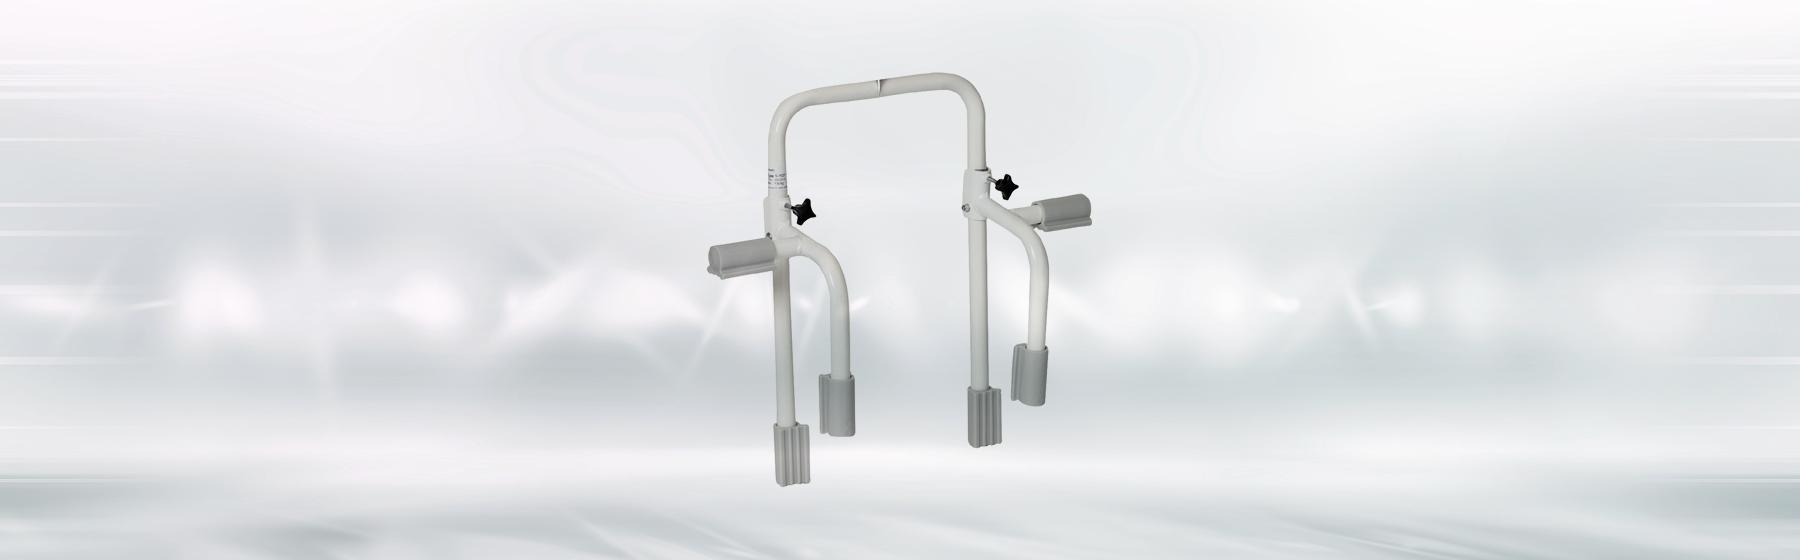 SMB-Dusche-Bad-Rubrikenmotiv-Badewanneneinstiegshilfen